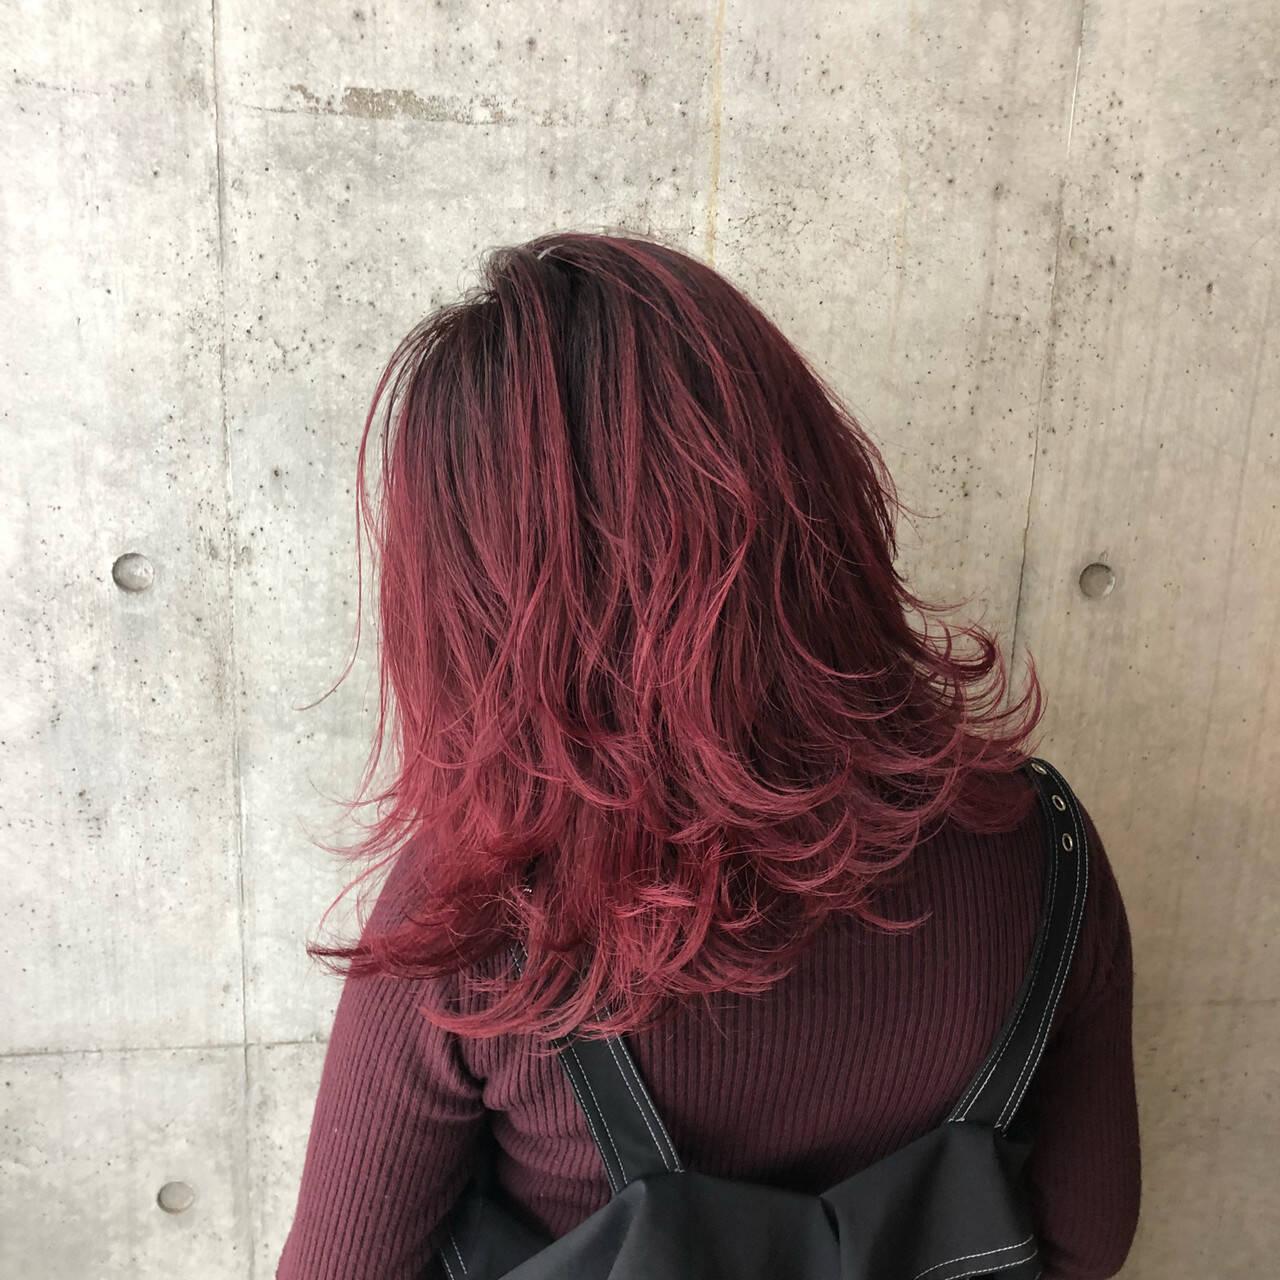 セミロング バレイヤージュ レイヤーカット ストリートヘアスタイルや髪型の写真・画像